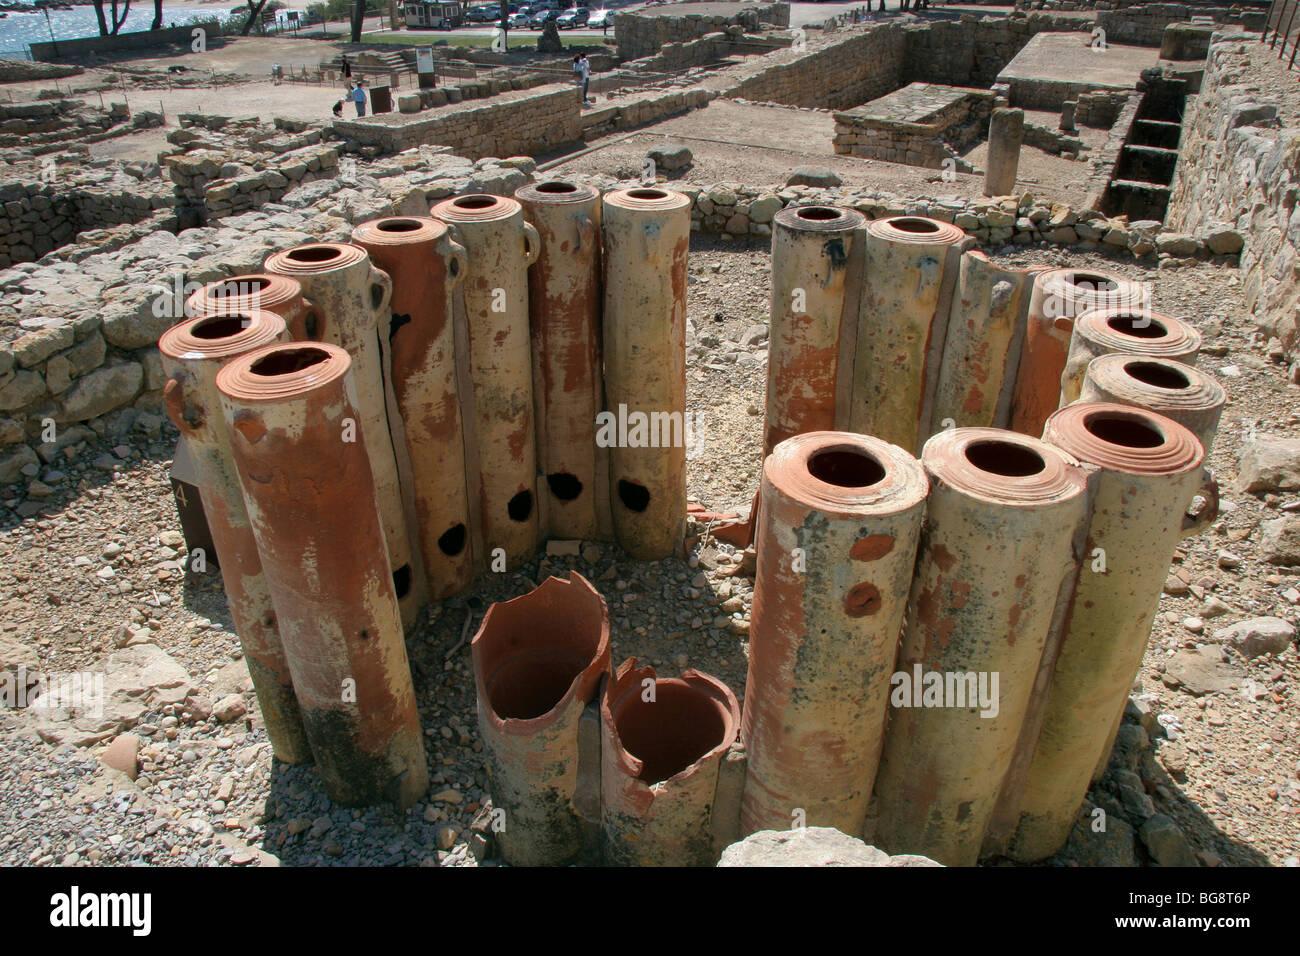 Roman Art. Emporiare (Ampurias). Amphoras. Water filters. Girona province. Catalonia. Spain. Europe. - Stock Image